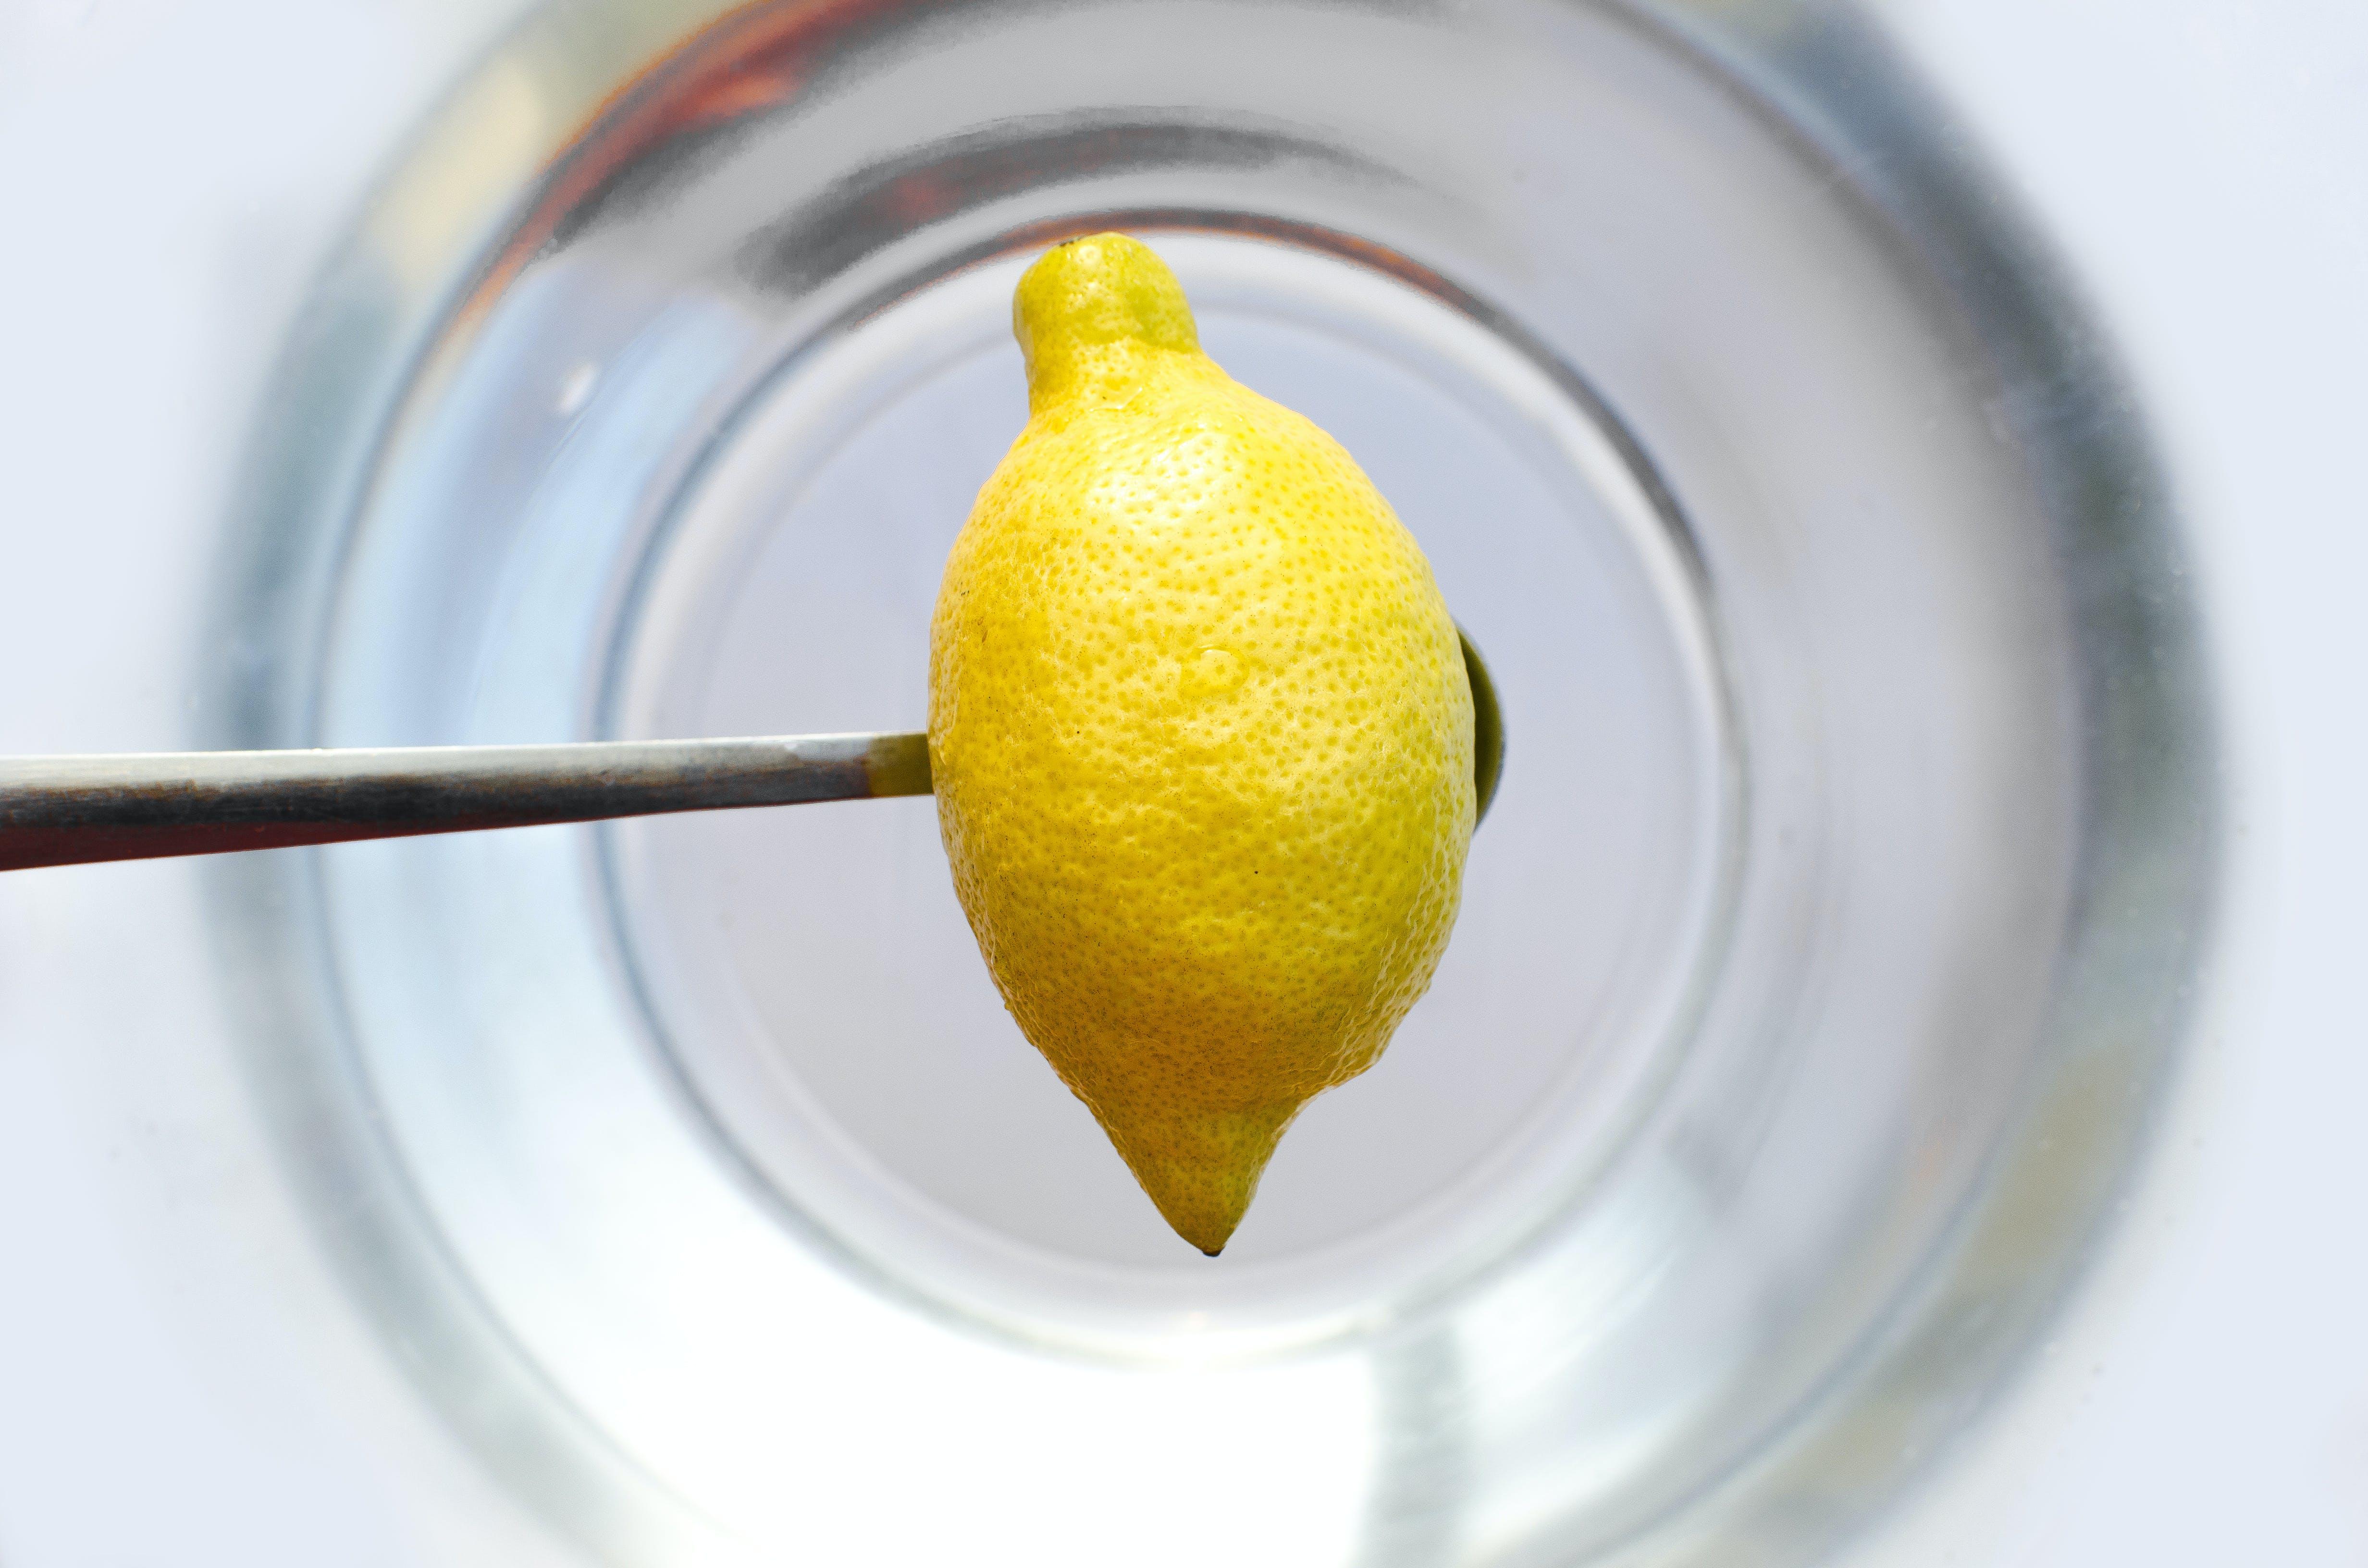 Kostenloses Stock Foto zu frisch, frucht, gelb, geschirr